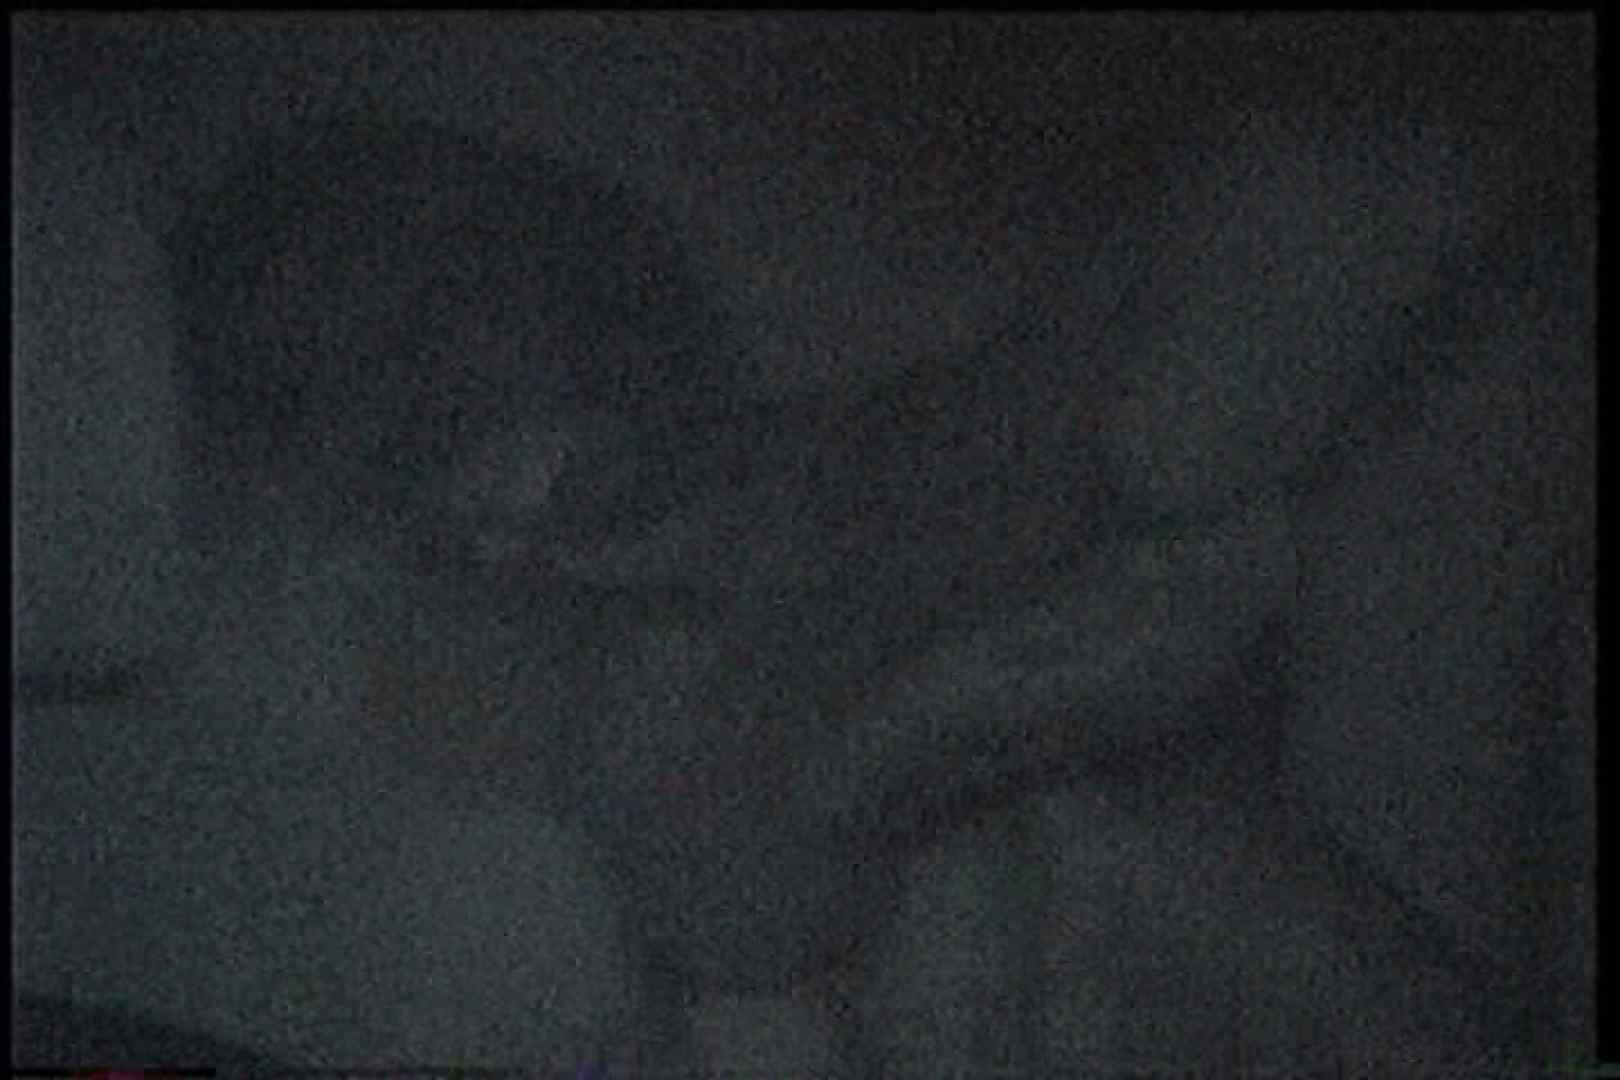 充血監督の深夜の運動会Vol.181 OLセックス 盗撮オマンコ無修正動画無料 84画像 82